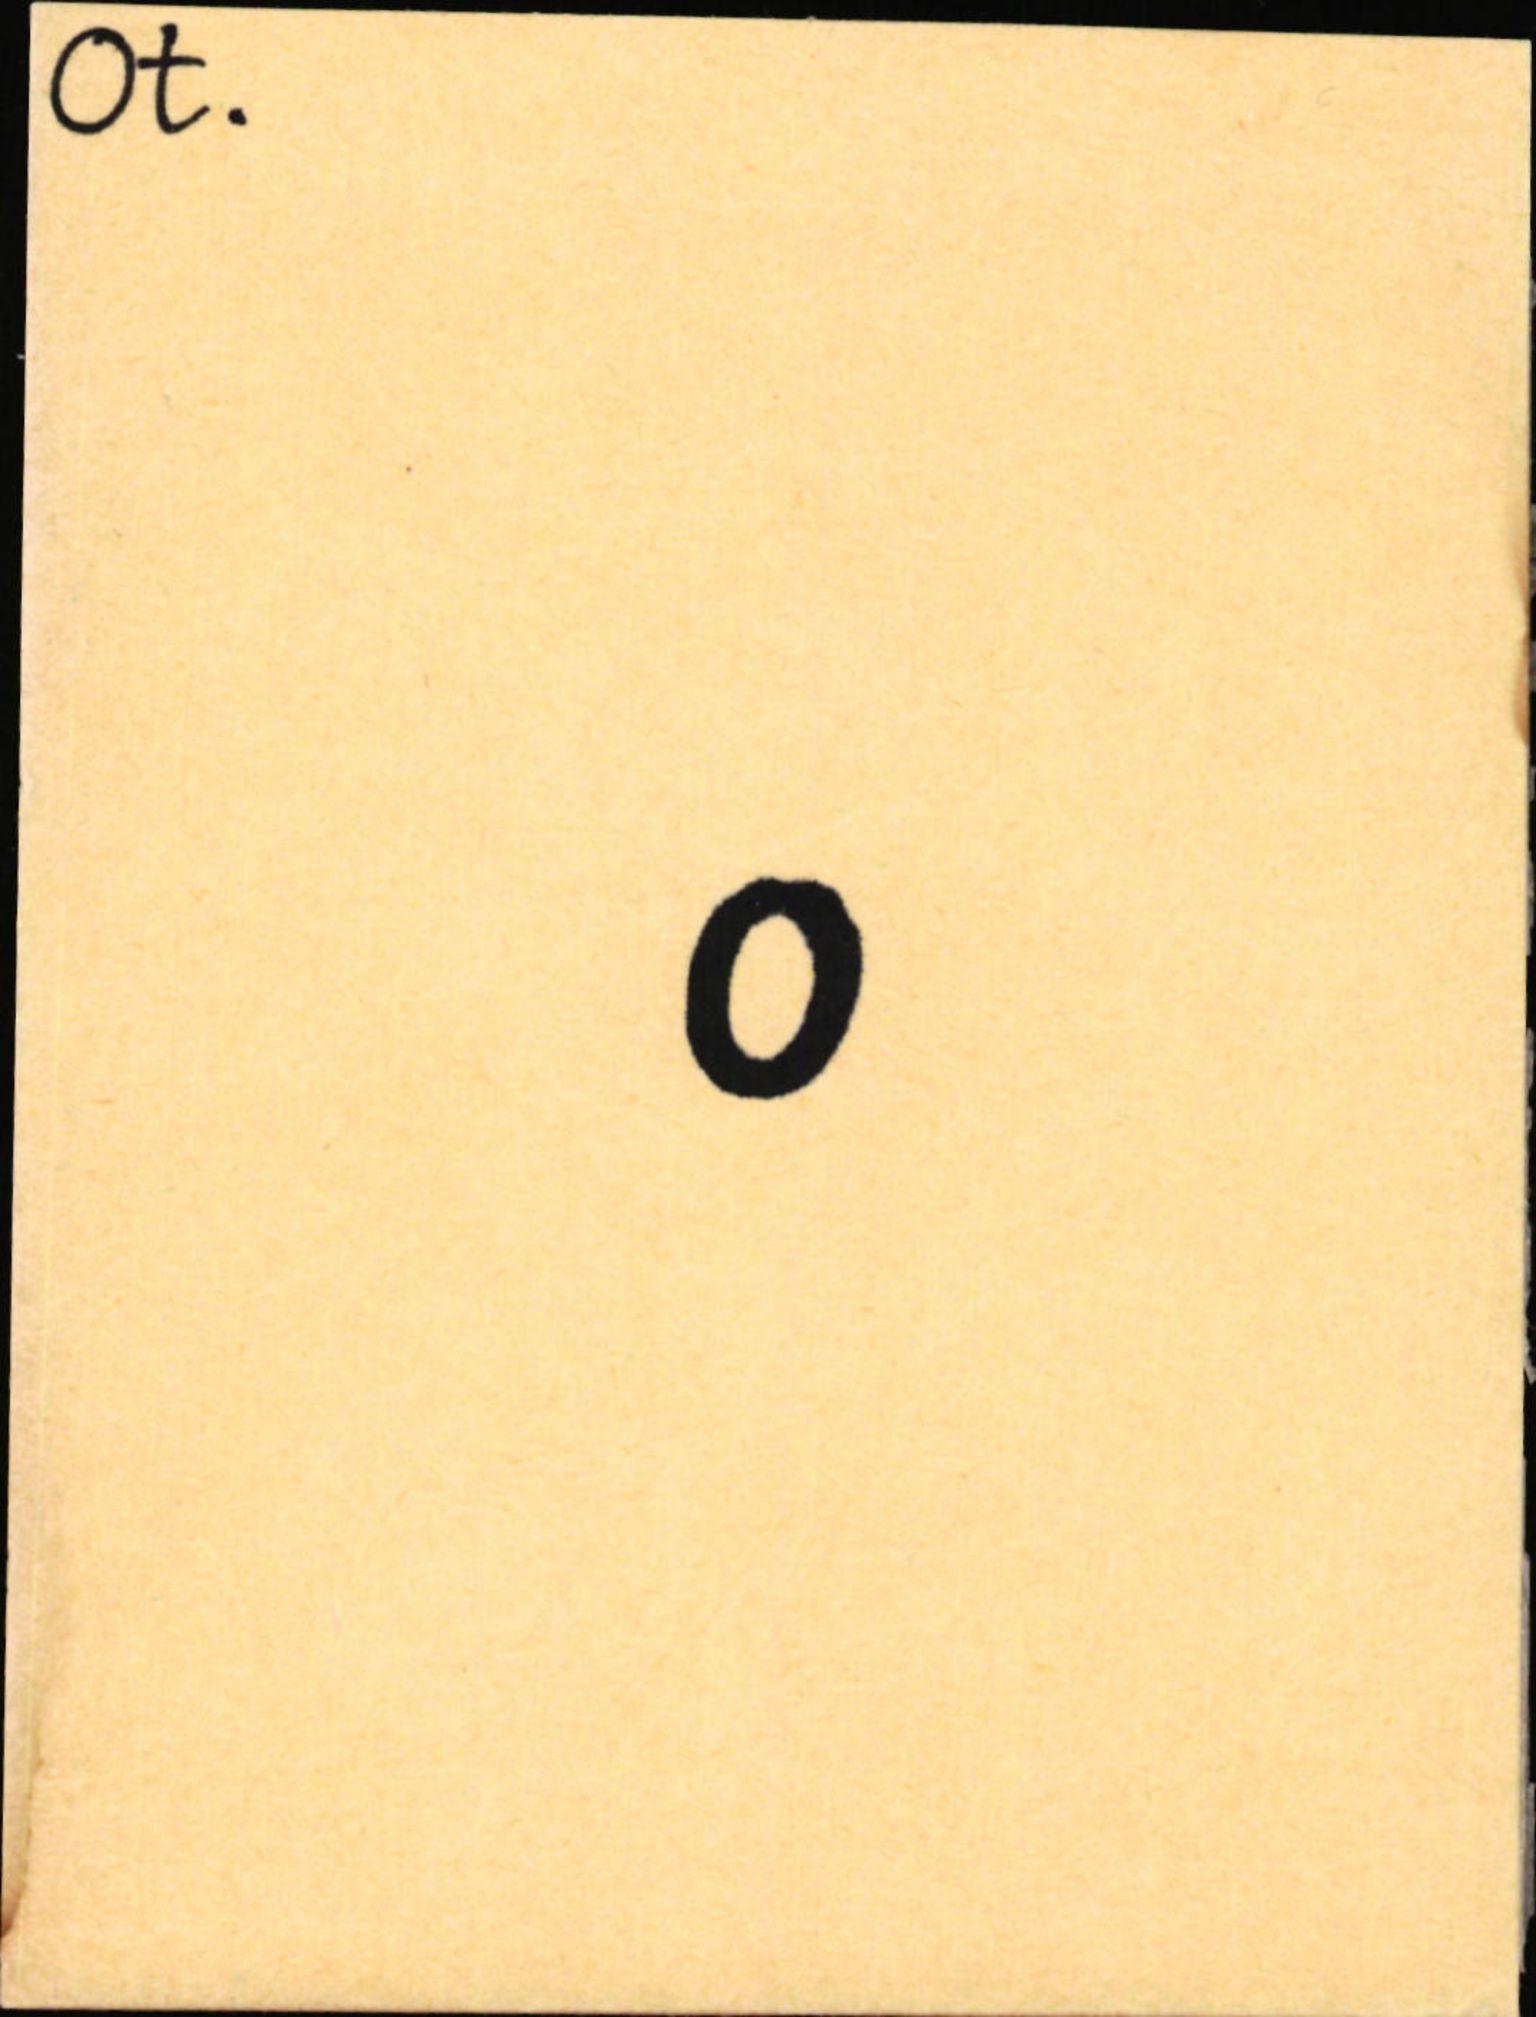 SAB, Statens vegvesen, Hordaland vegkontor, Ha/L0043: R-eierkort O-P, 1920-1971, s. 1